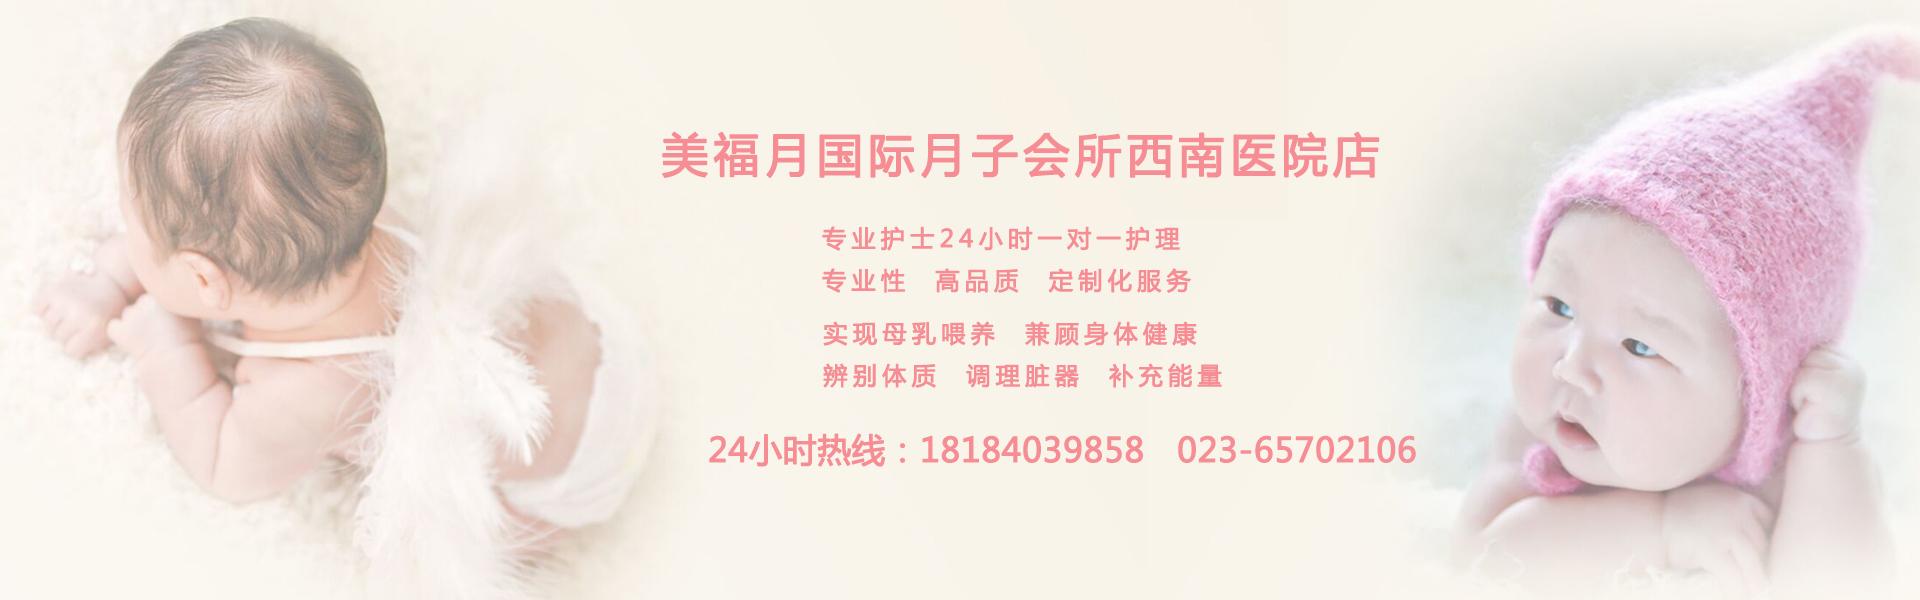 美福月国际月子会所西南医院店,重庆月子会所专业护士24小时一  对一护理,实现母乳喂养,兼顾身体健康,辨别体质,调理脏器,补  充能量